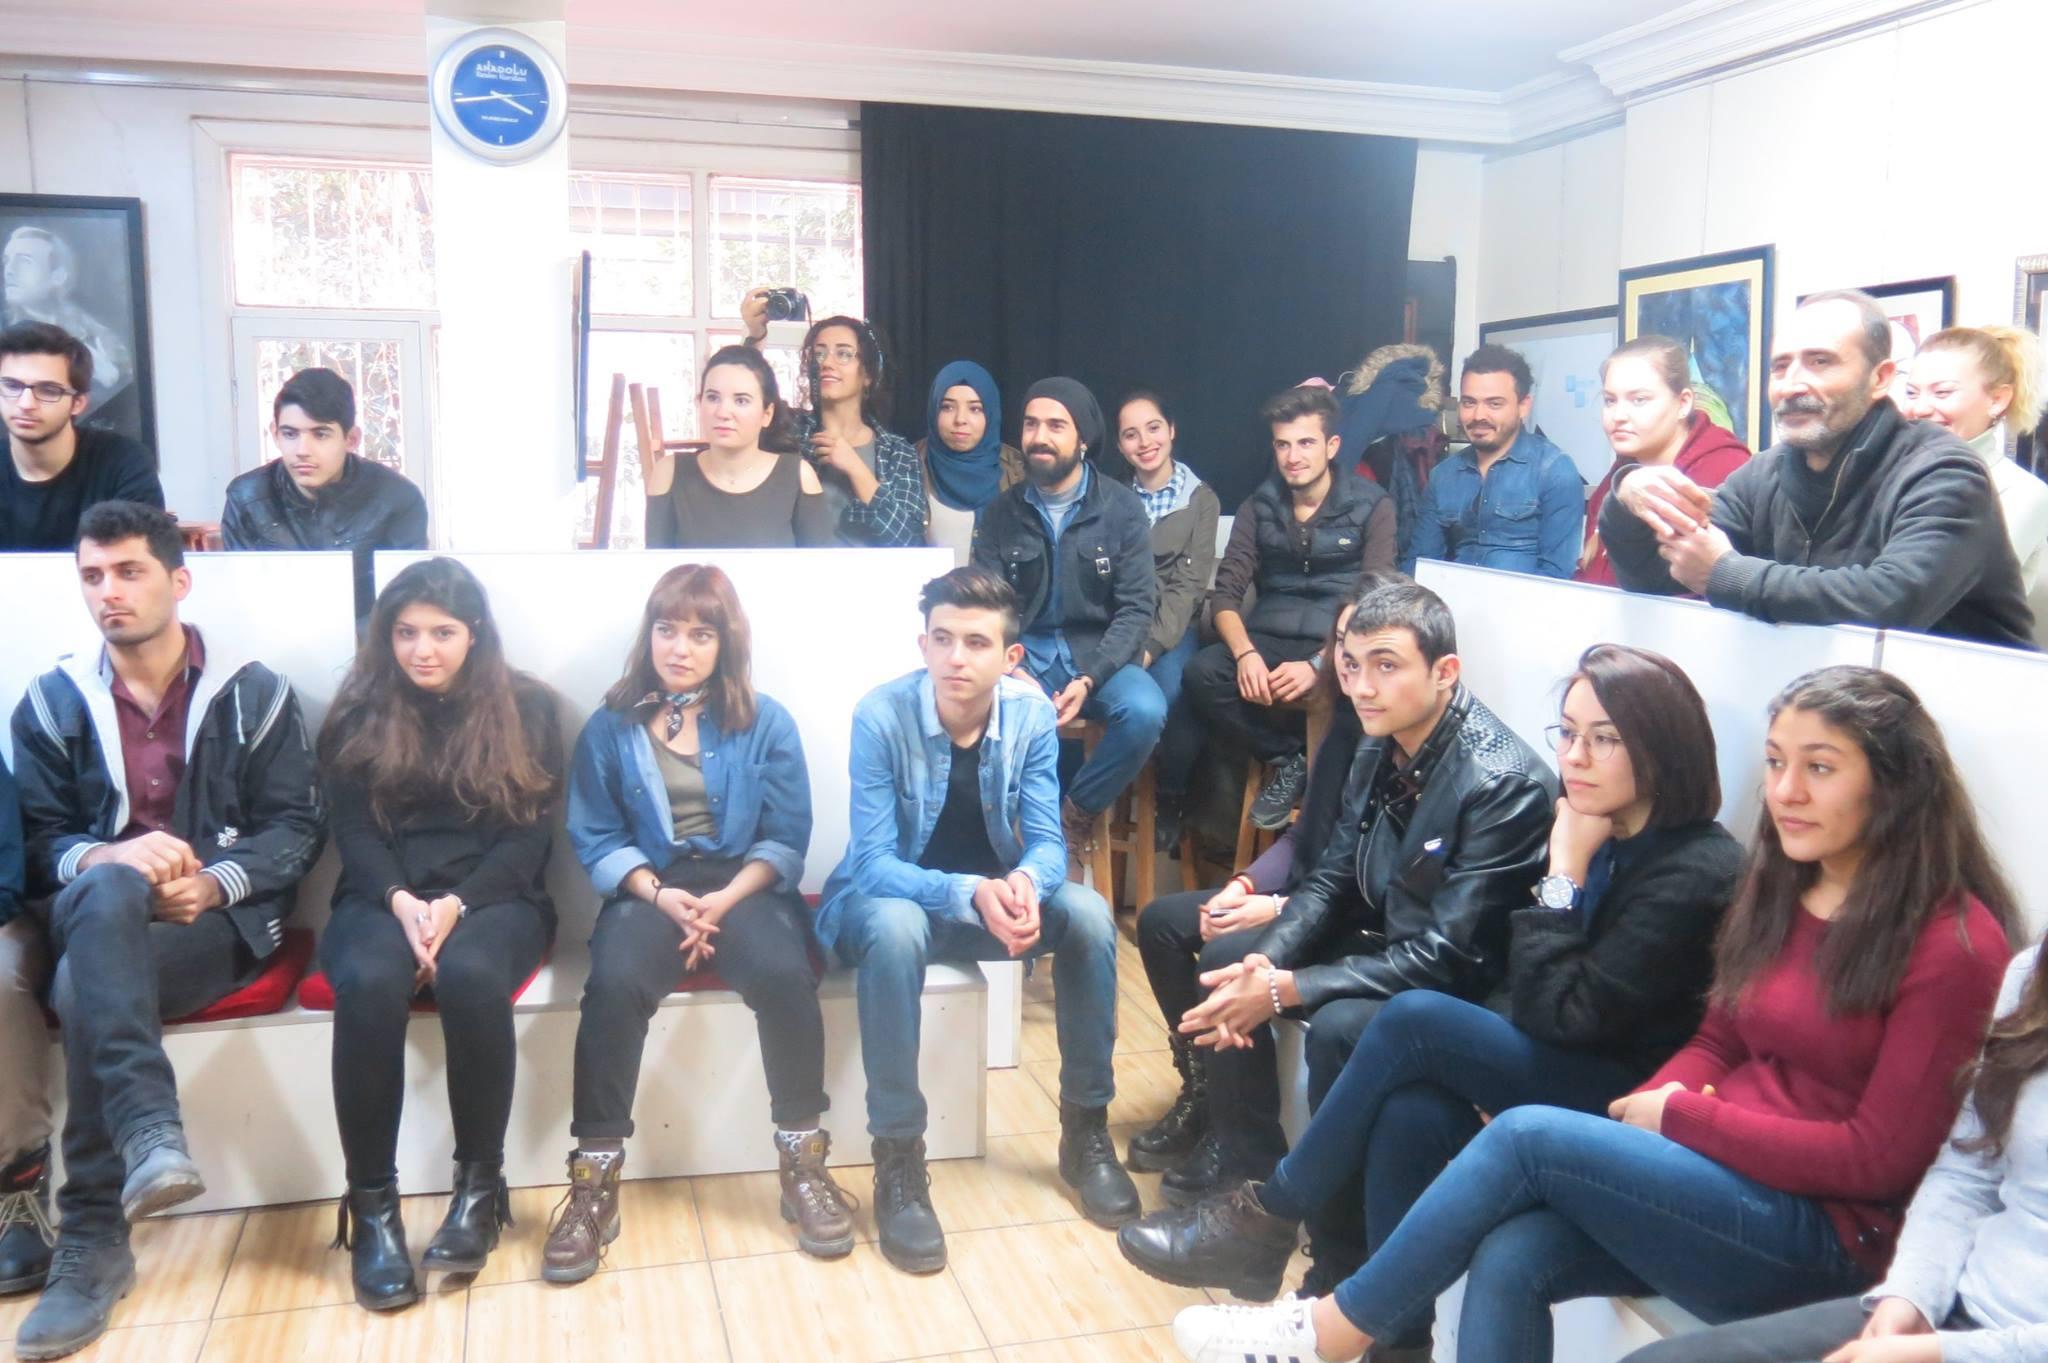 Antalyada Anadolu Sanatta Tanıştırma Kaynaştırma Etkinliği